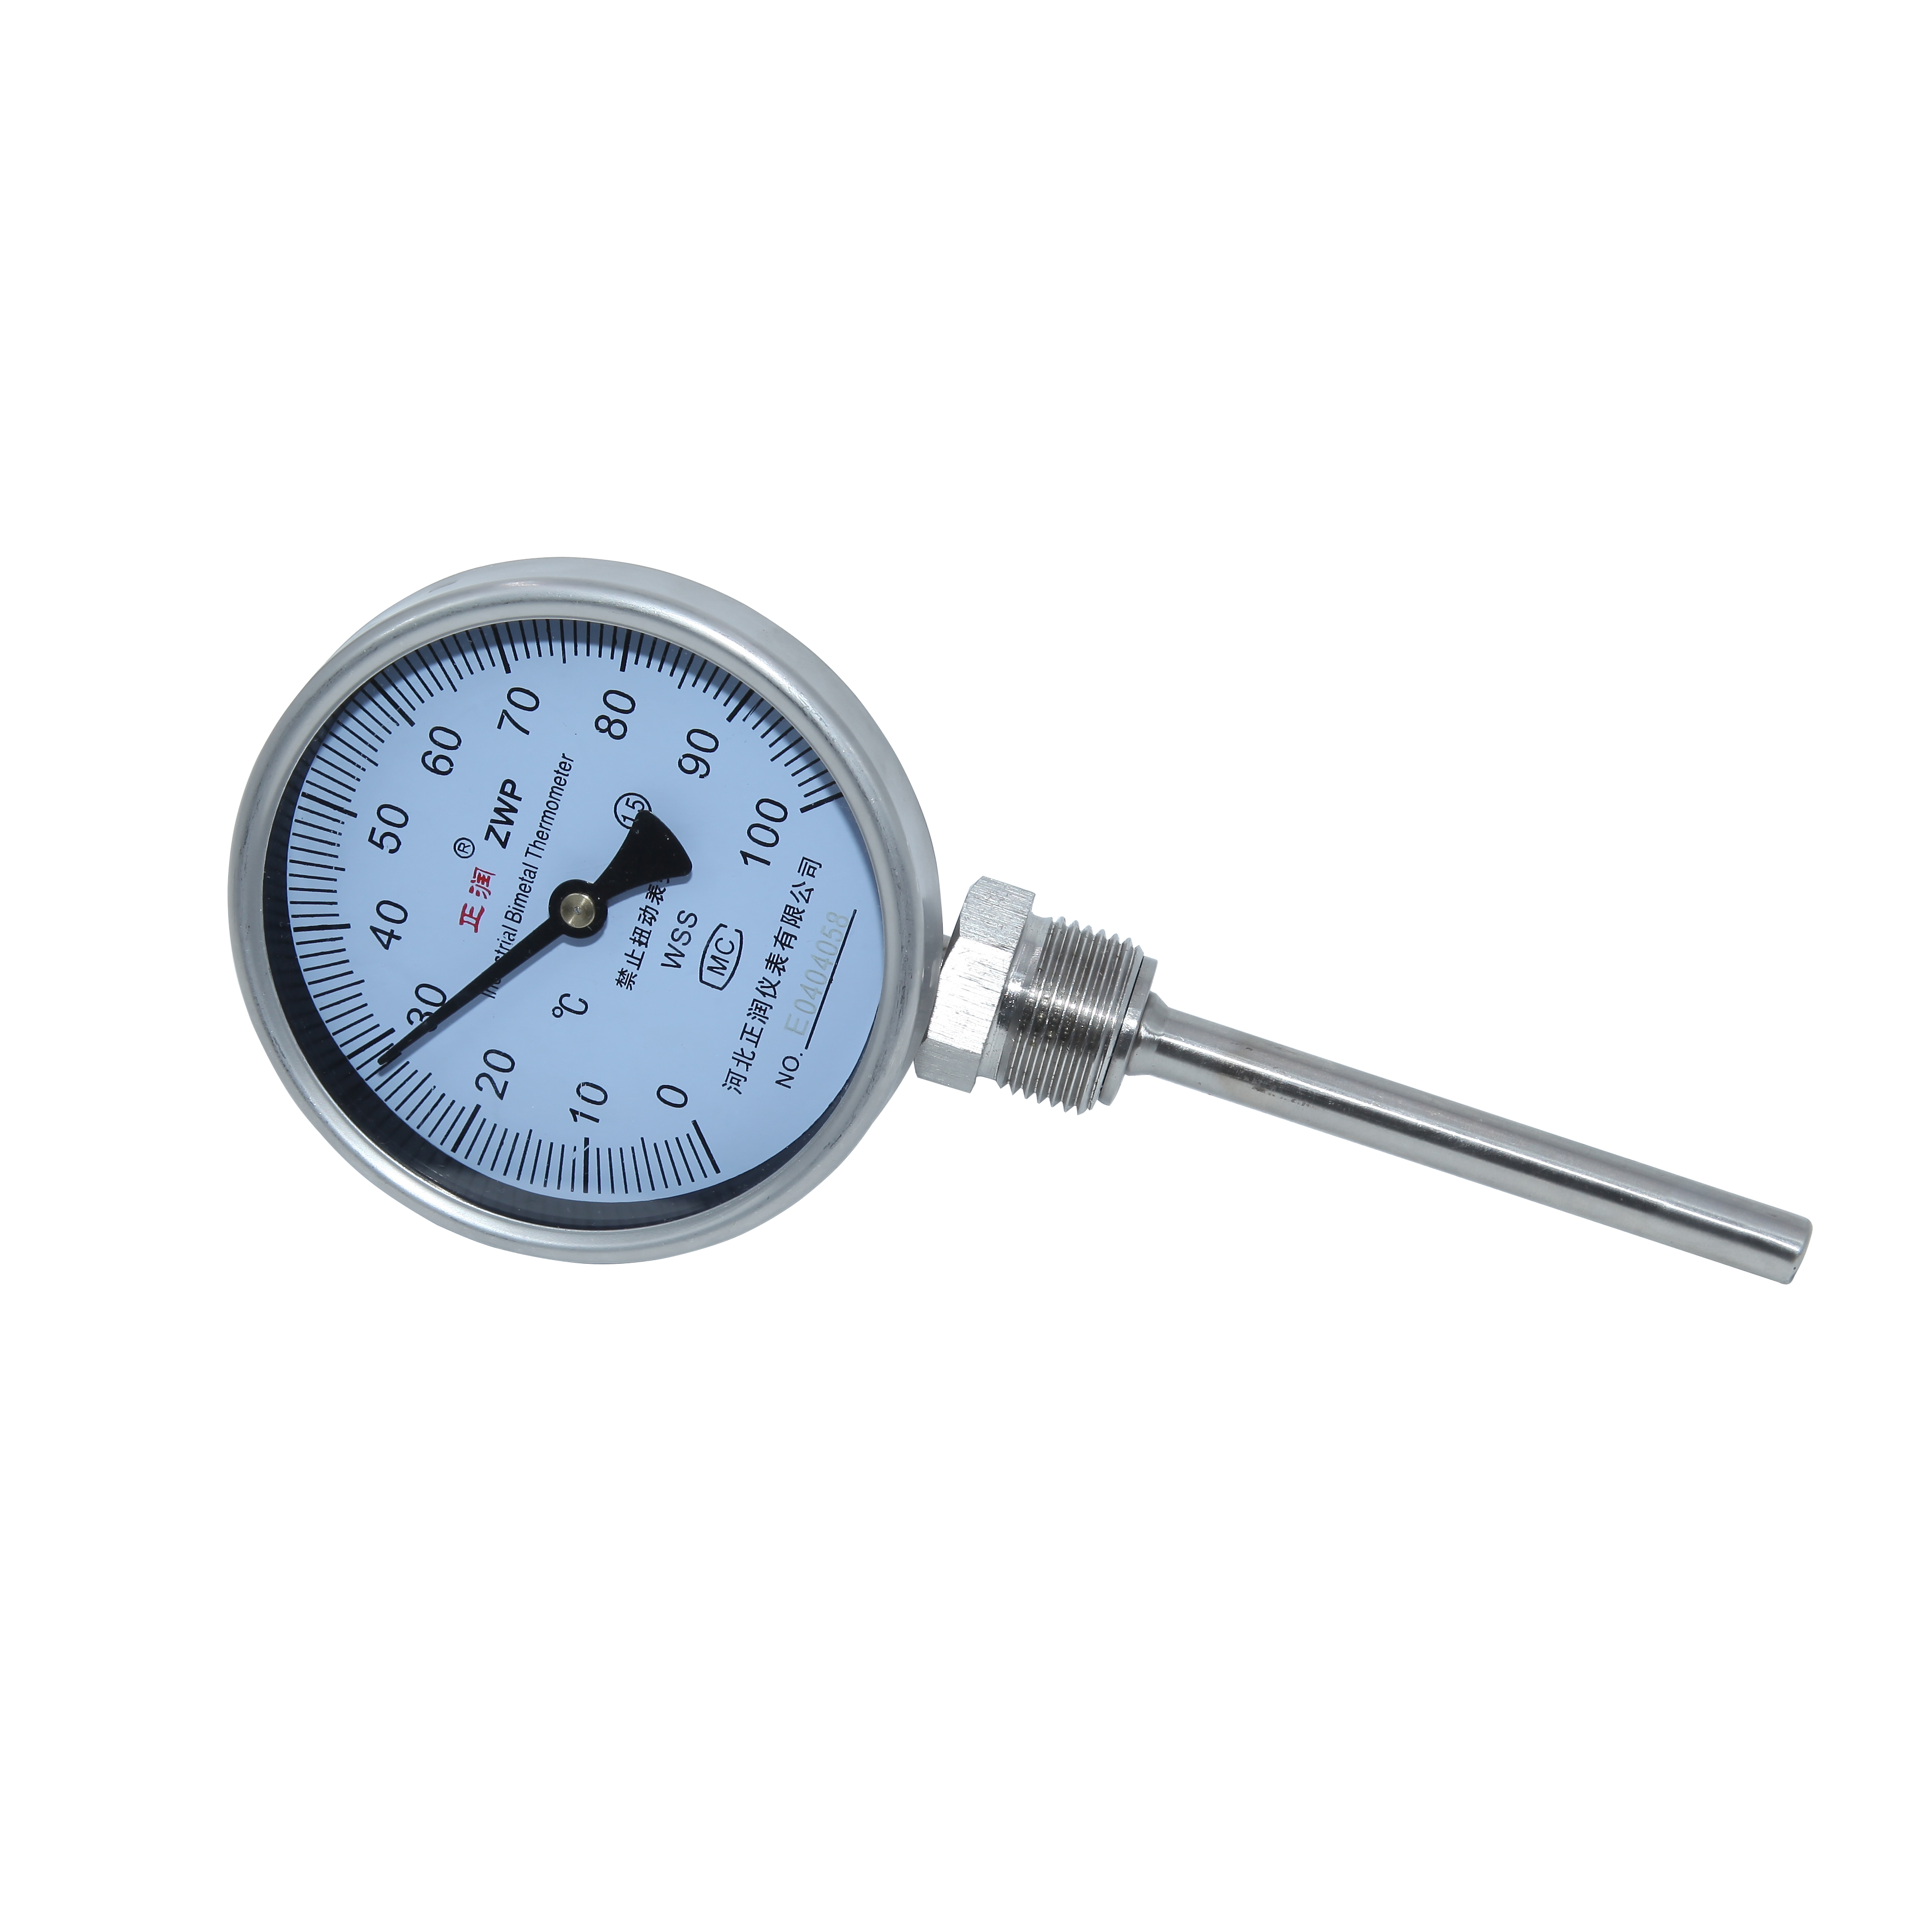 雙金屬溫度計 (2)